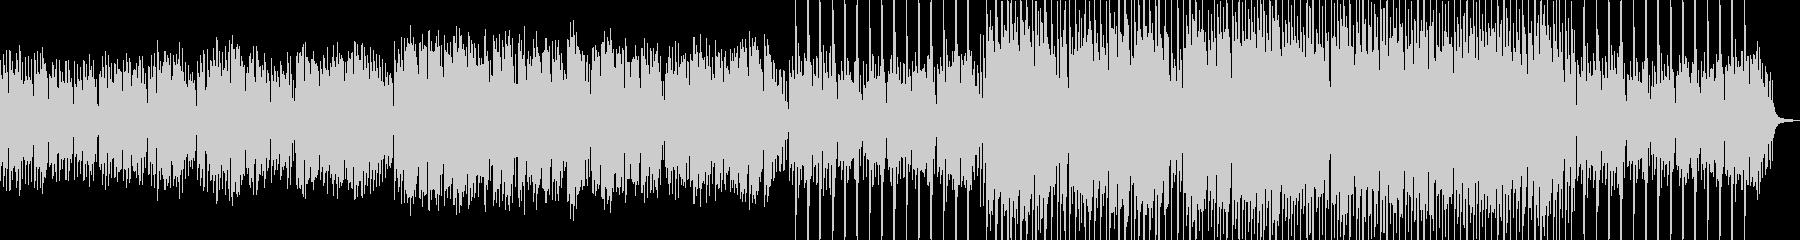 pingpong-ほのぼのオシャレの未再生の波形